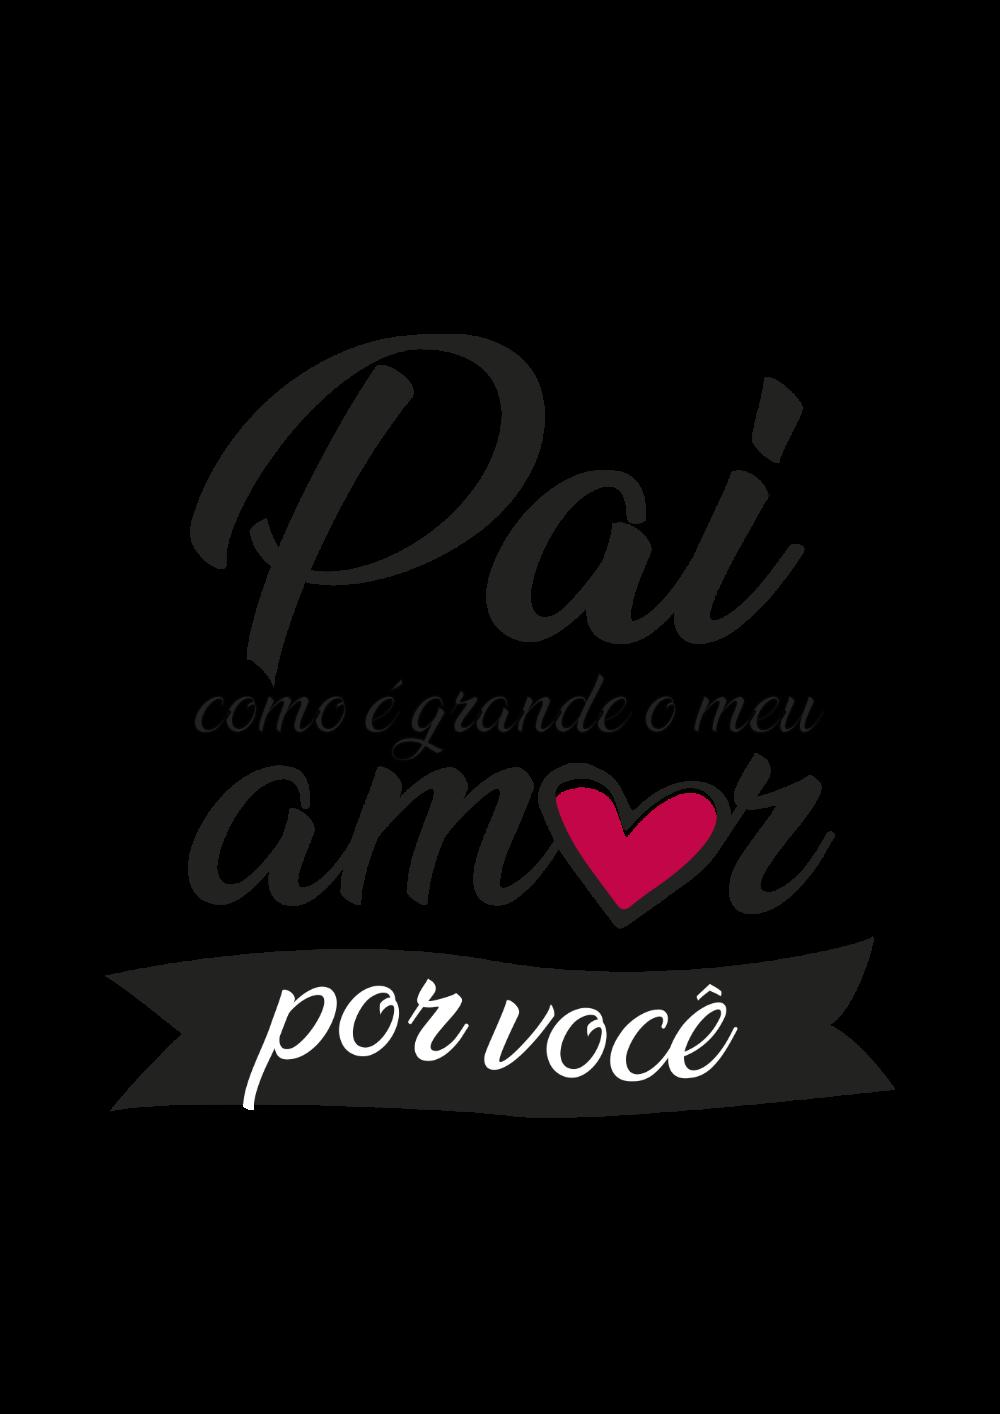 Artes Prontas Para Dia Dos Pais 10 Pai Dia Do Pai Dia